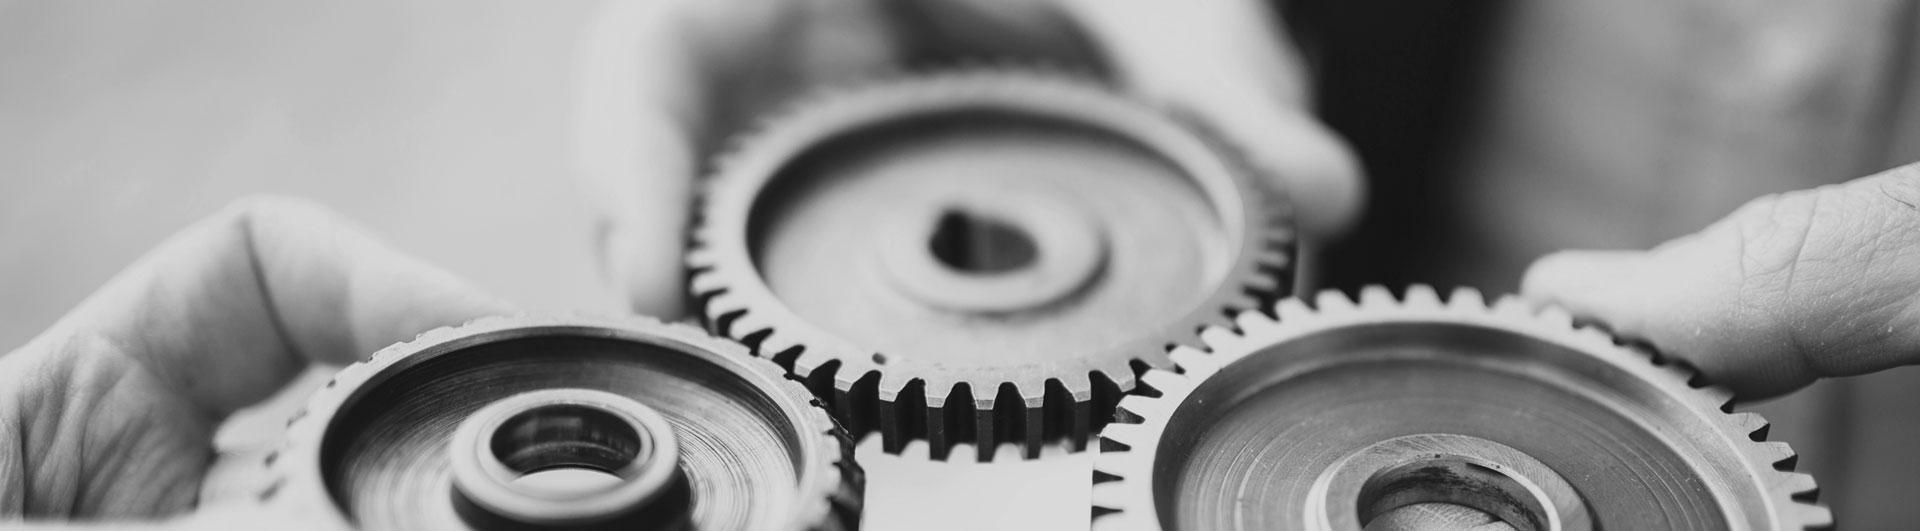 metodologia gestion procesos